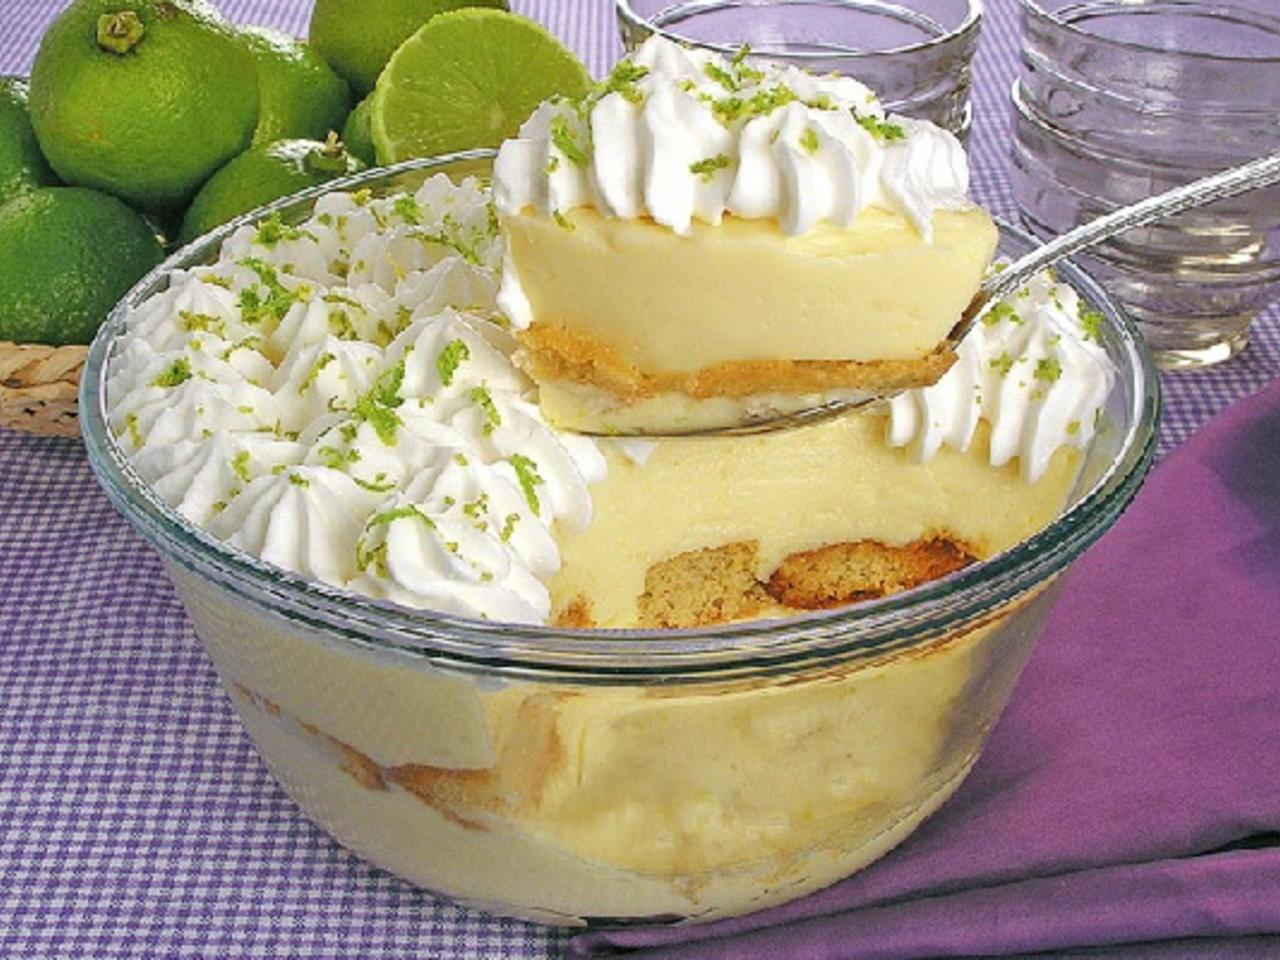 Pavê de limão uma sobremesa fácil e irresistível